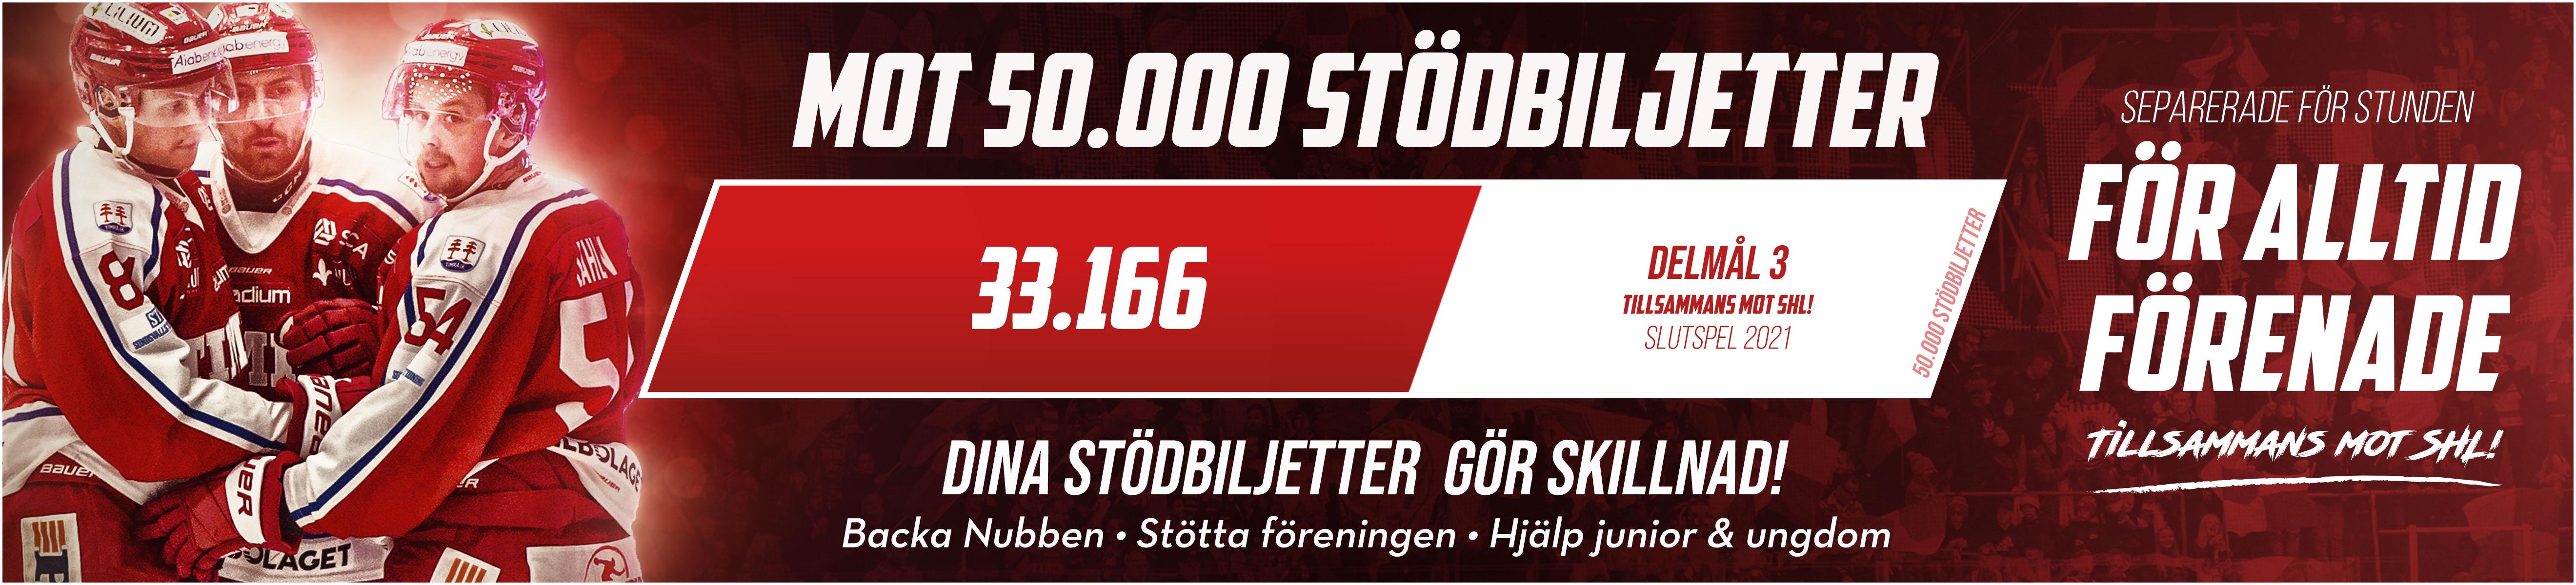 50 000 stödbiljetter